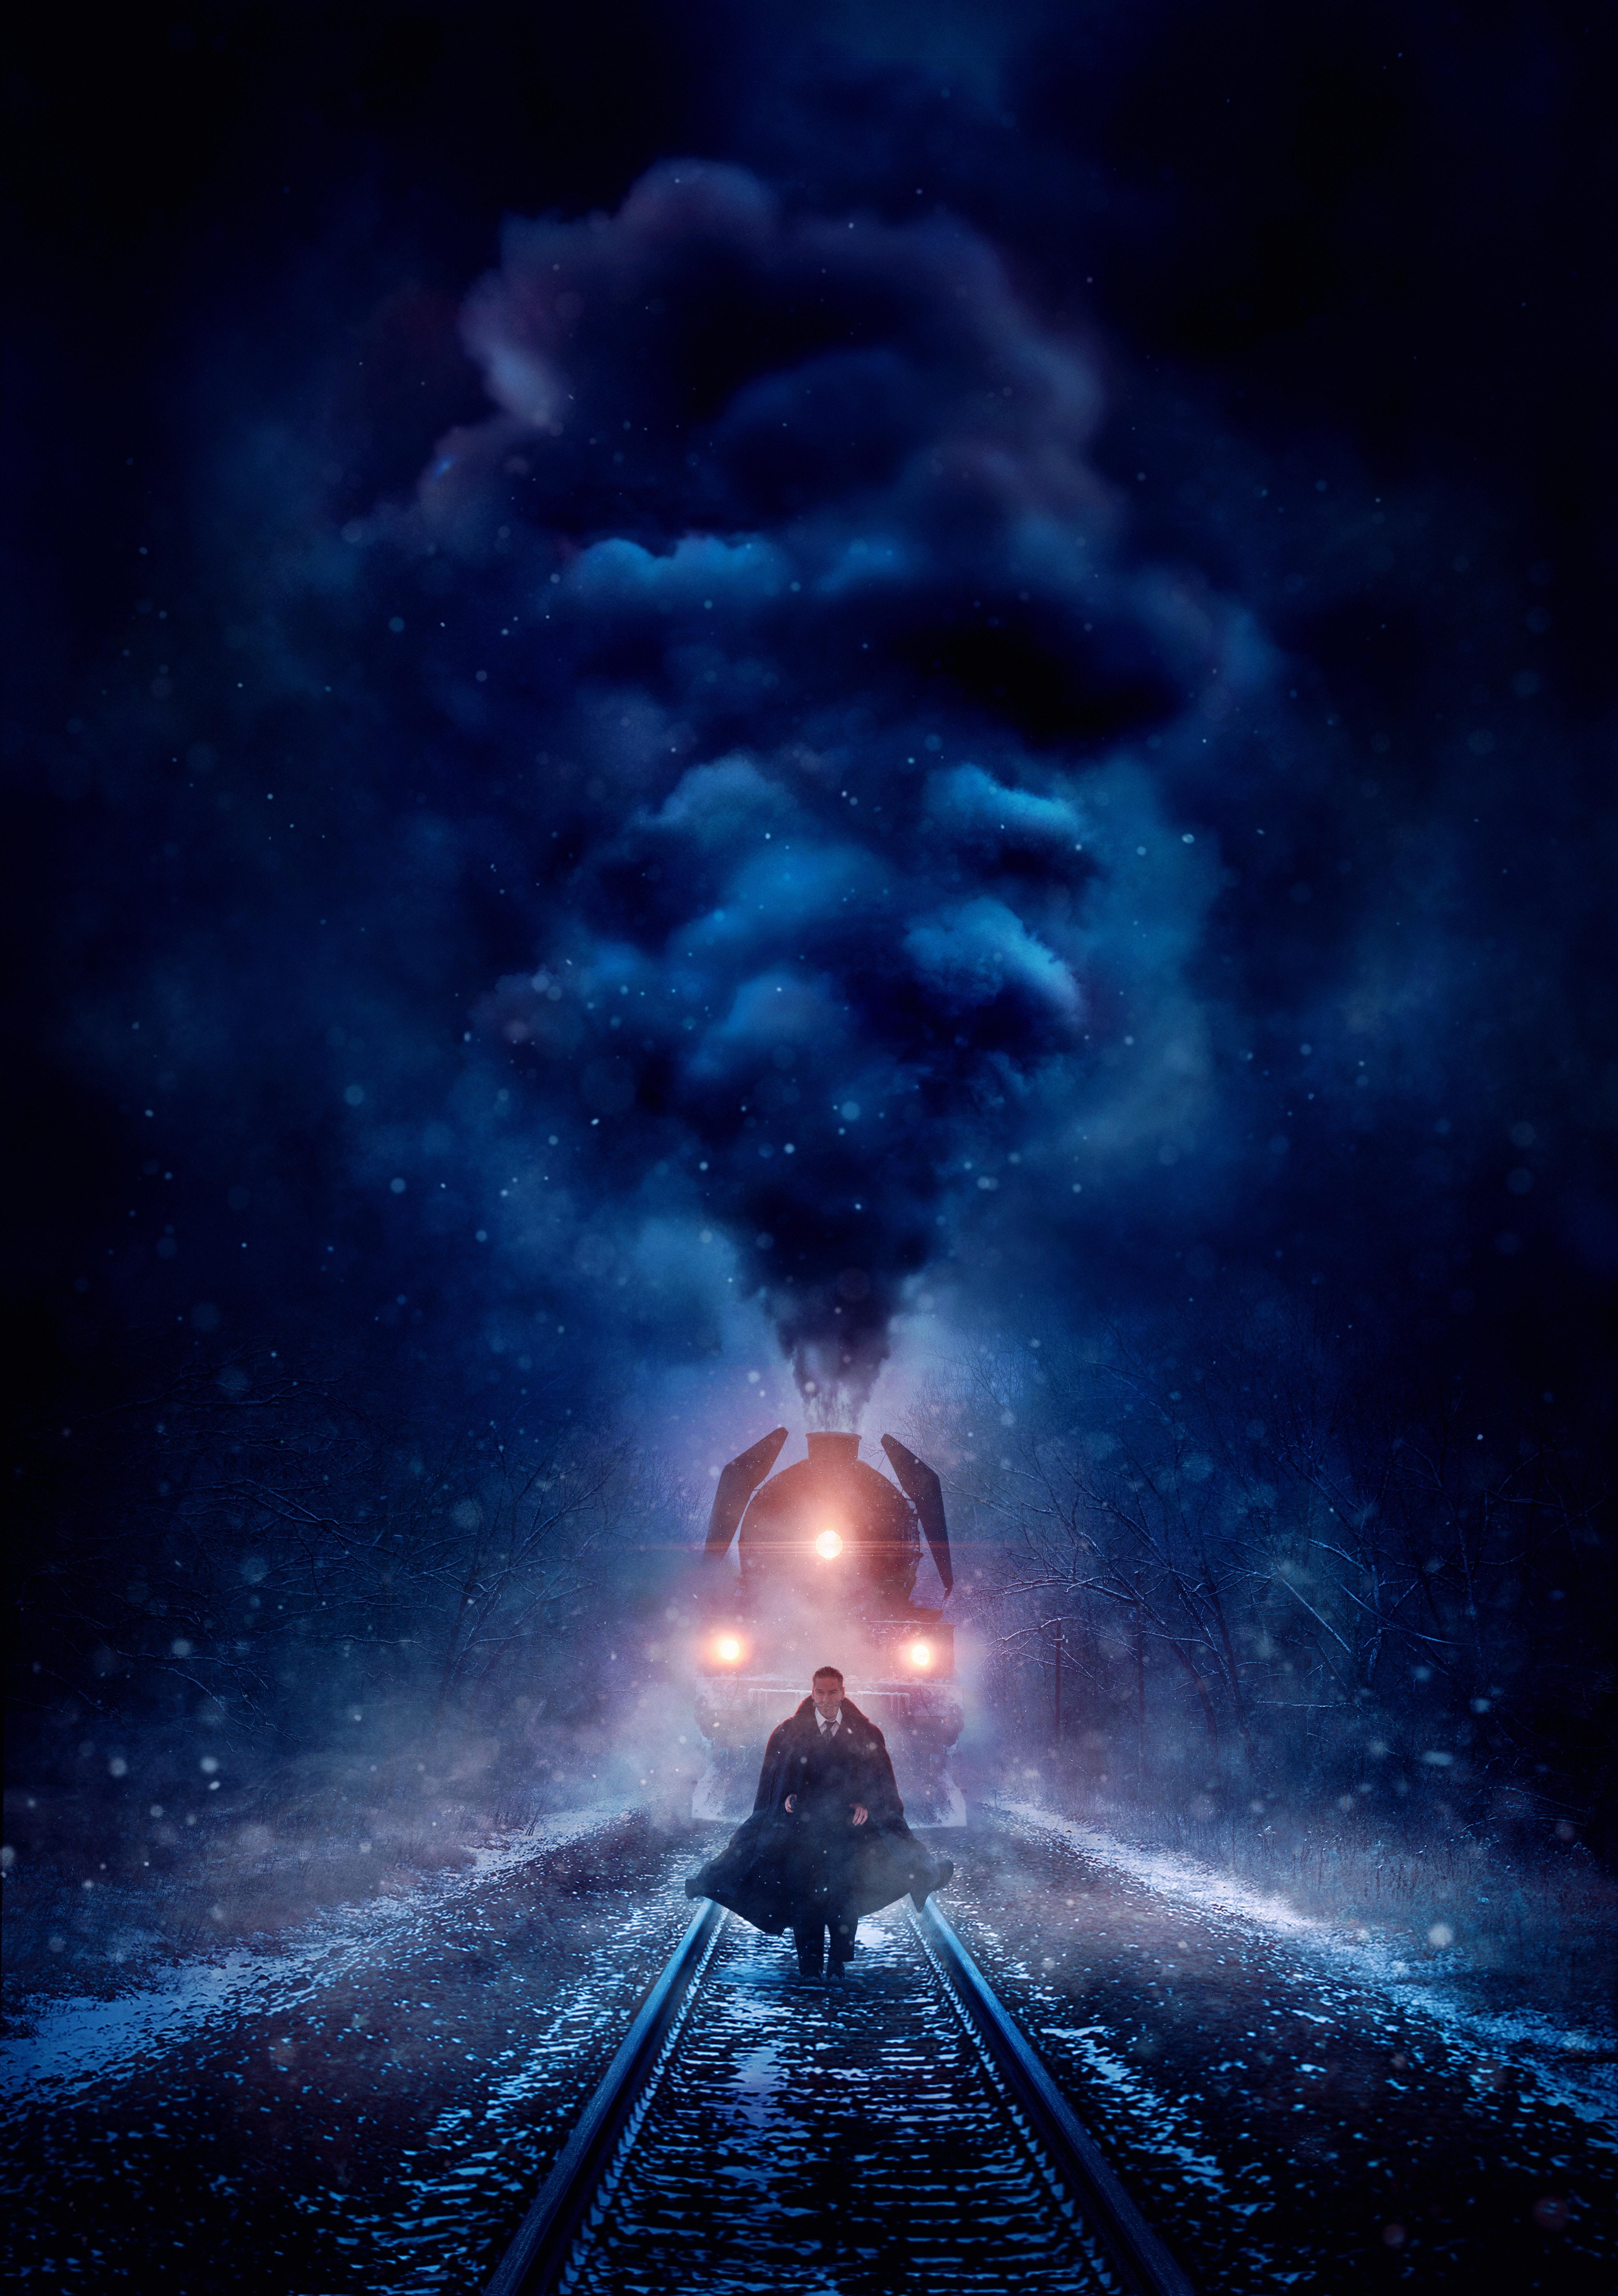 Tapeta Morderstwo w Orient Expressie 2017 mężczyzna Kenneth Branagh Filmy Pociąg Dym  dla Telefon komórkowy Mężczyźni film pociągi